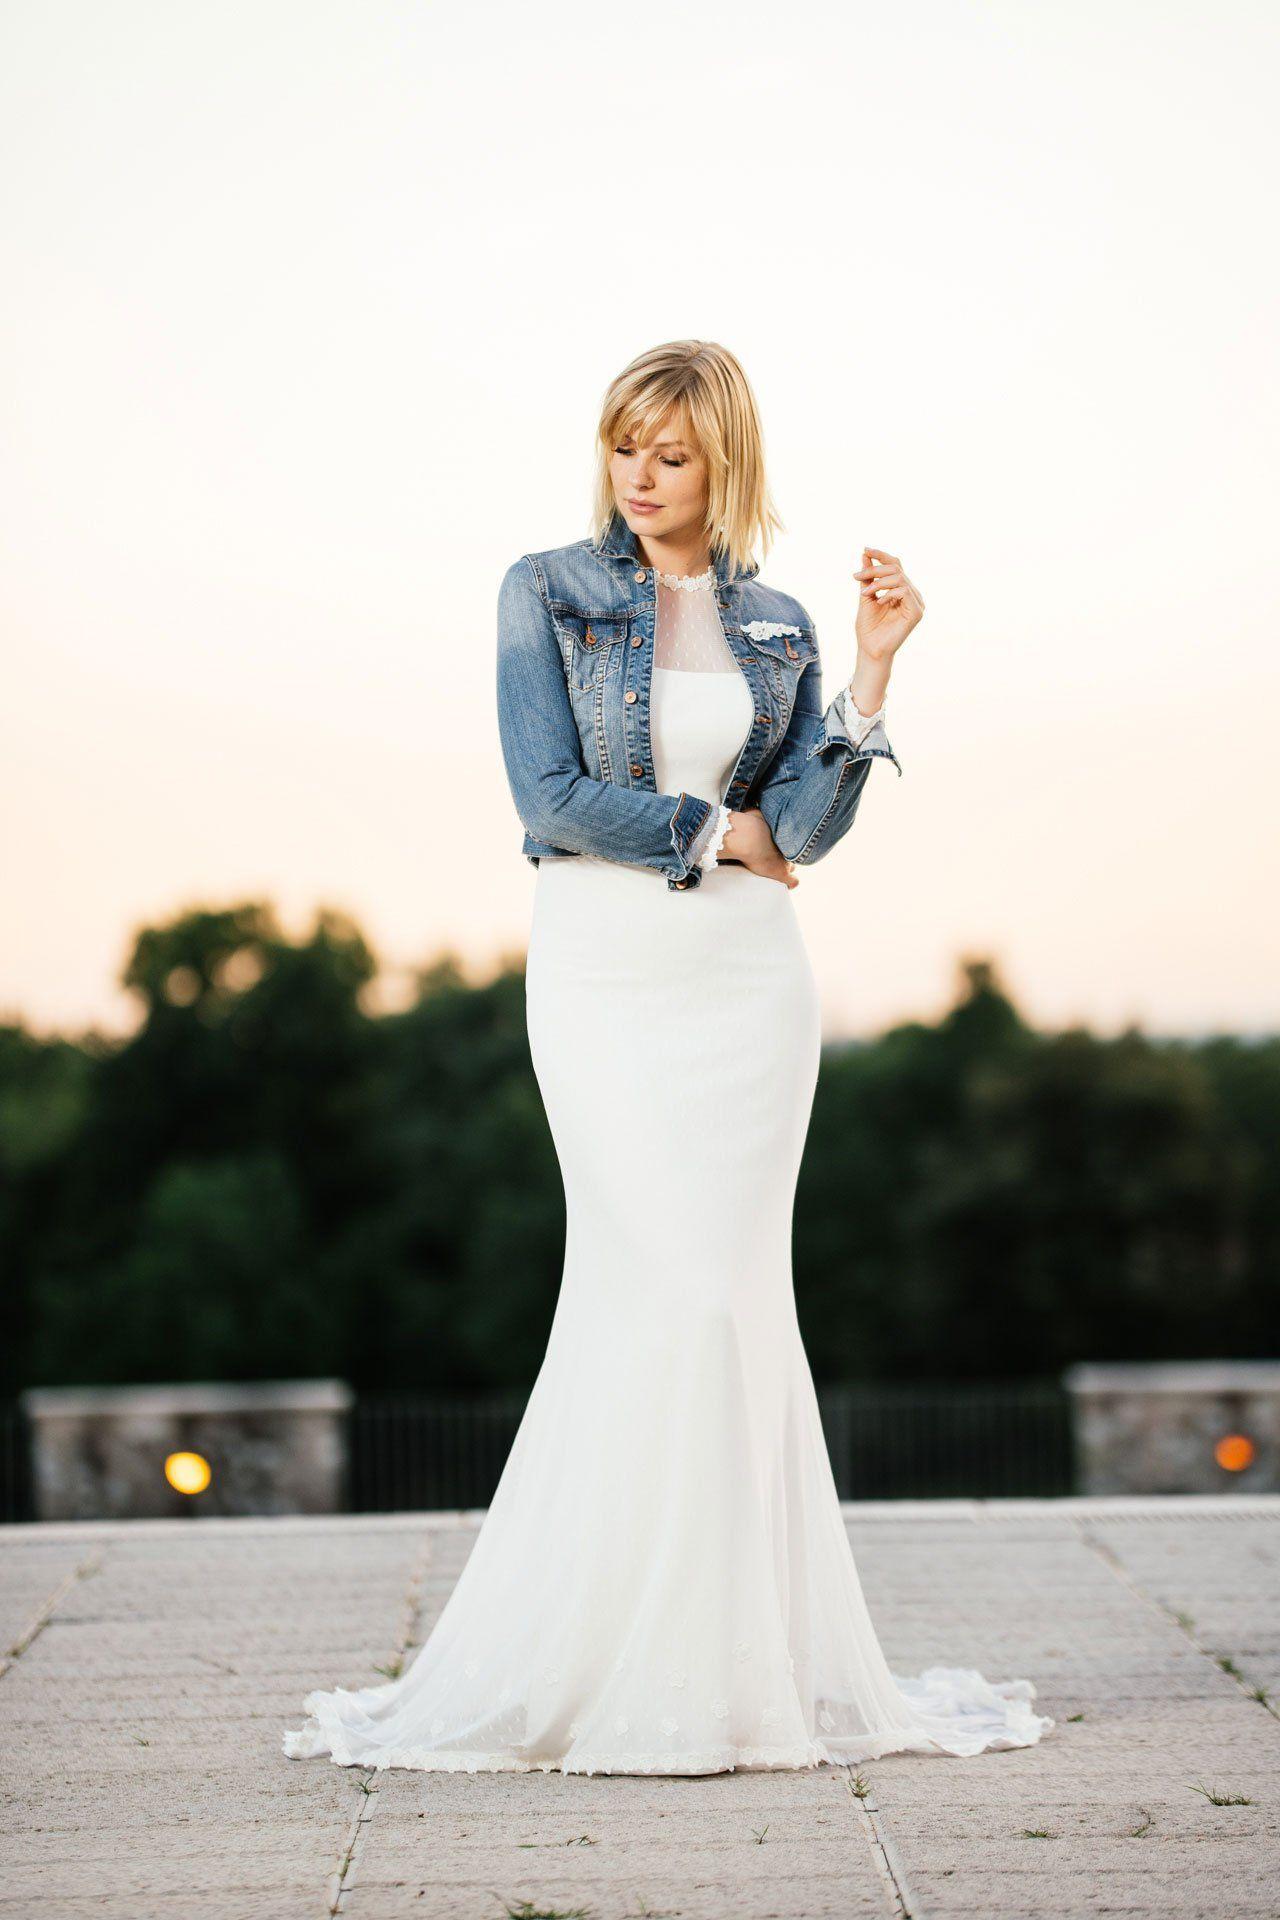 Brautkleid mit Ärmeln kombiniert mit unserer knackigen Jeansjacke ...